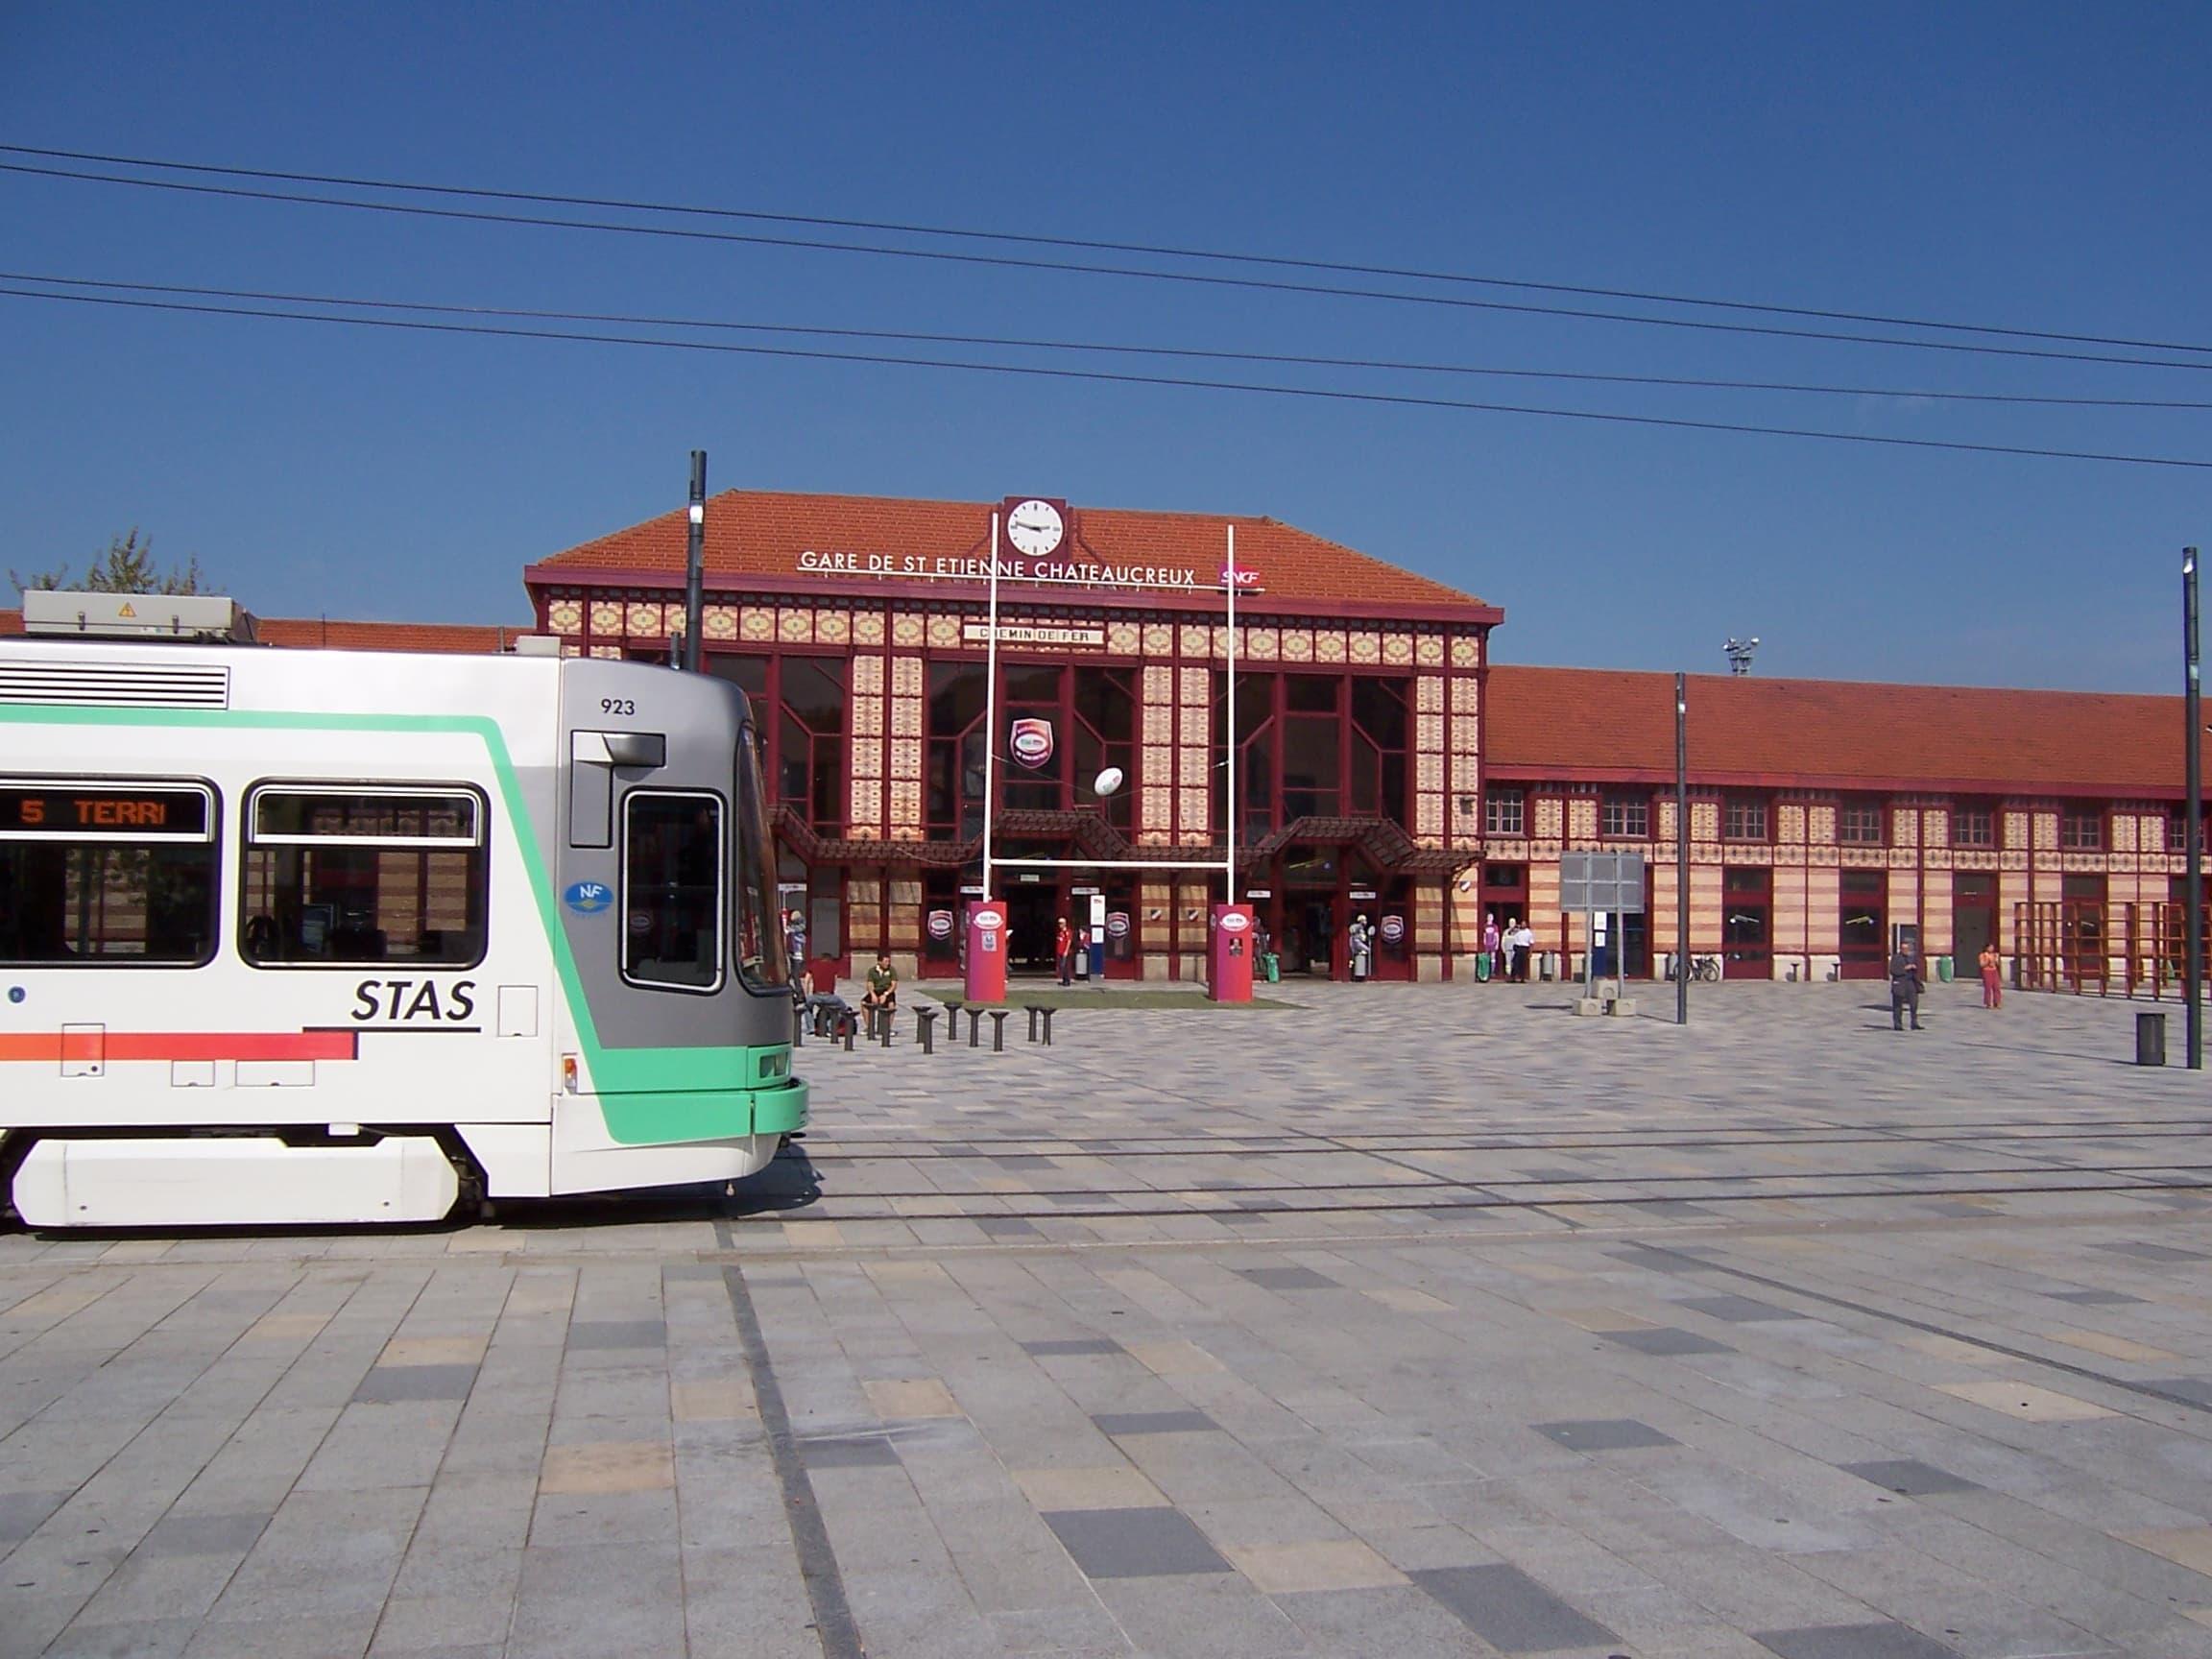 Gare de Saint-Etienne Châteaucreux.